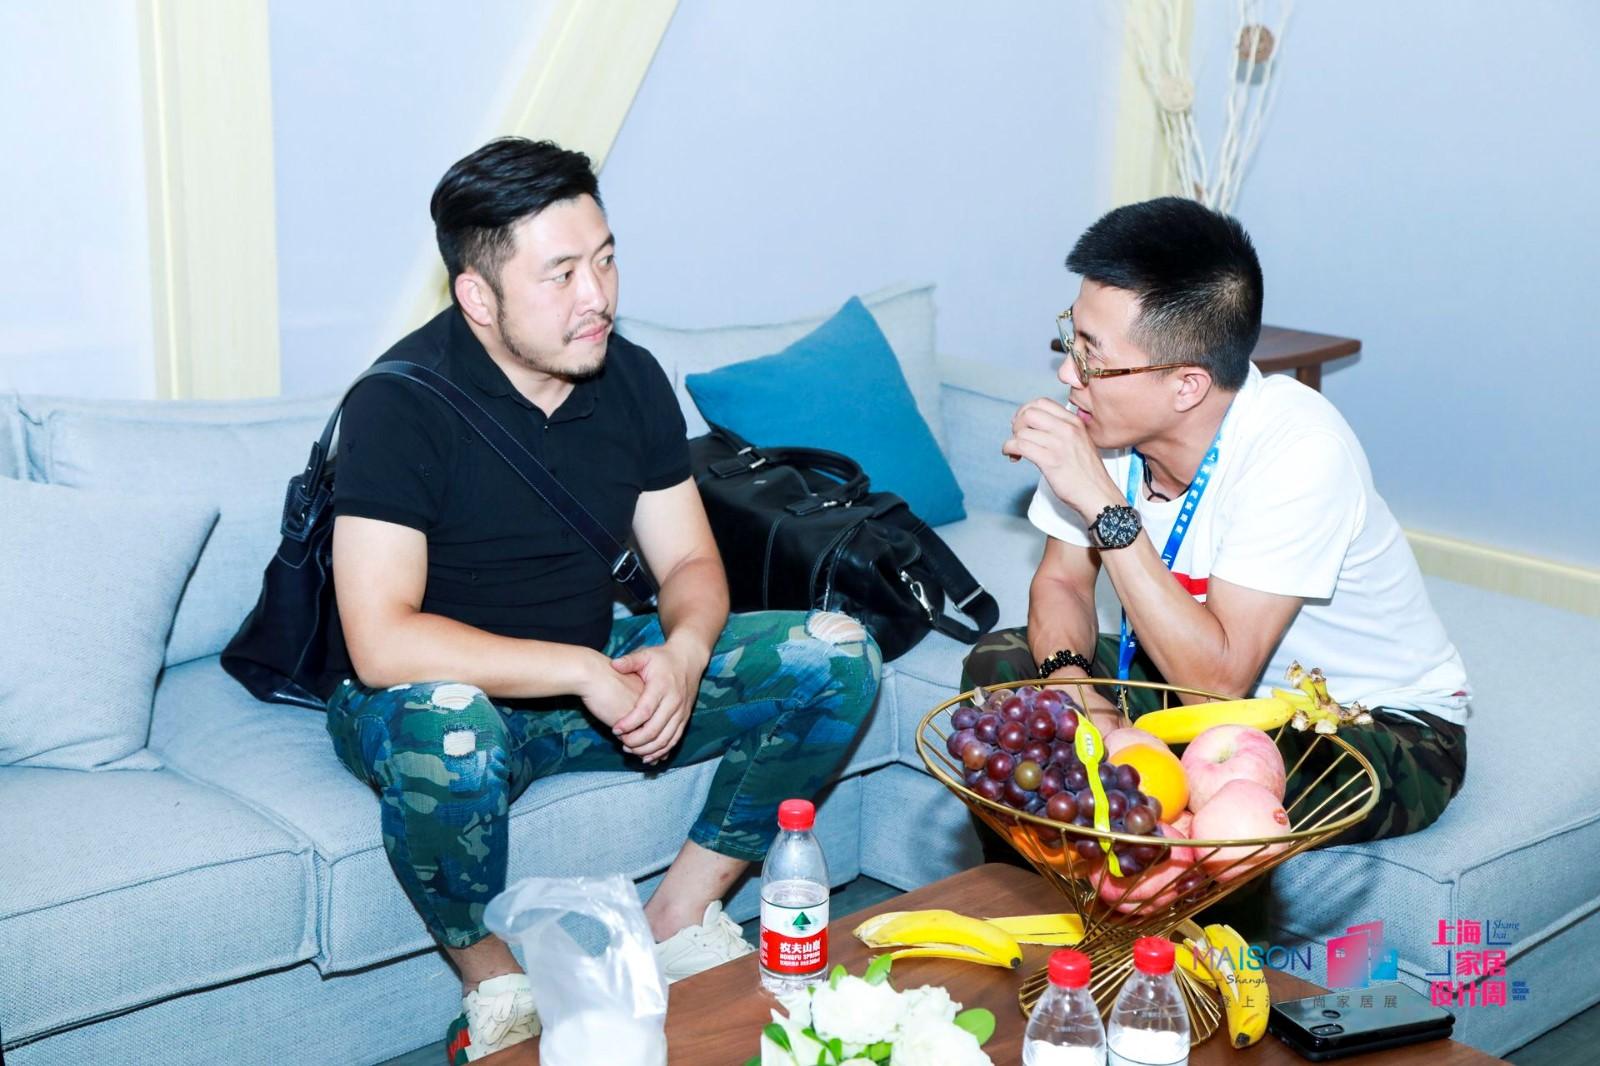 莫洛尼壁炉2018摩登上海时尚家居展首日:超高颜值的展会现场,看看你错过了什么!